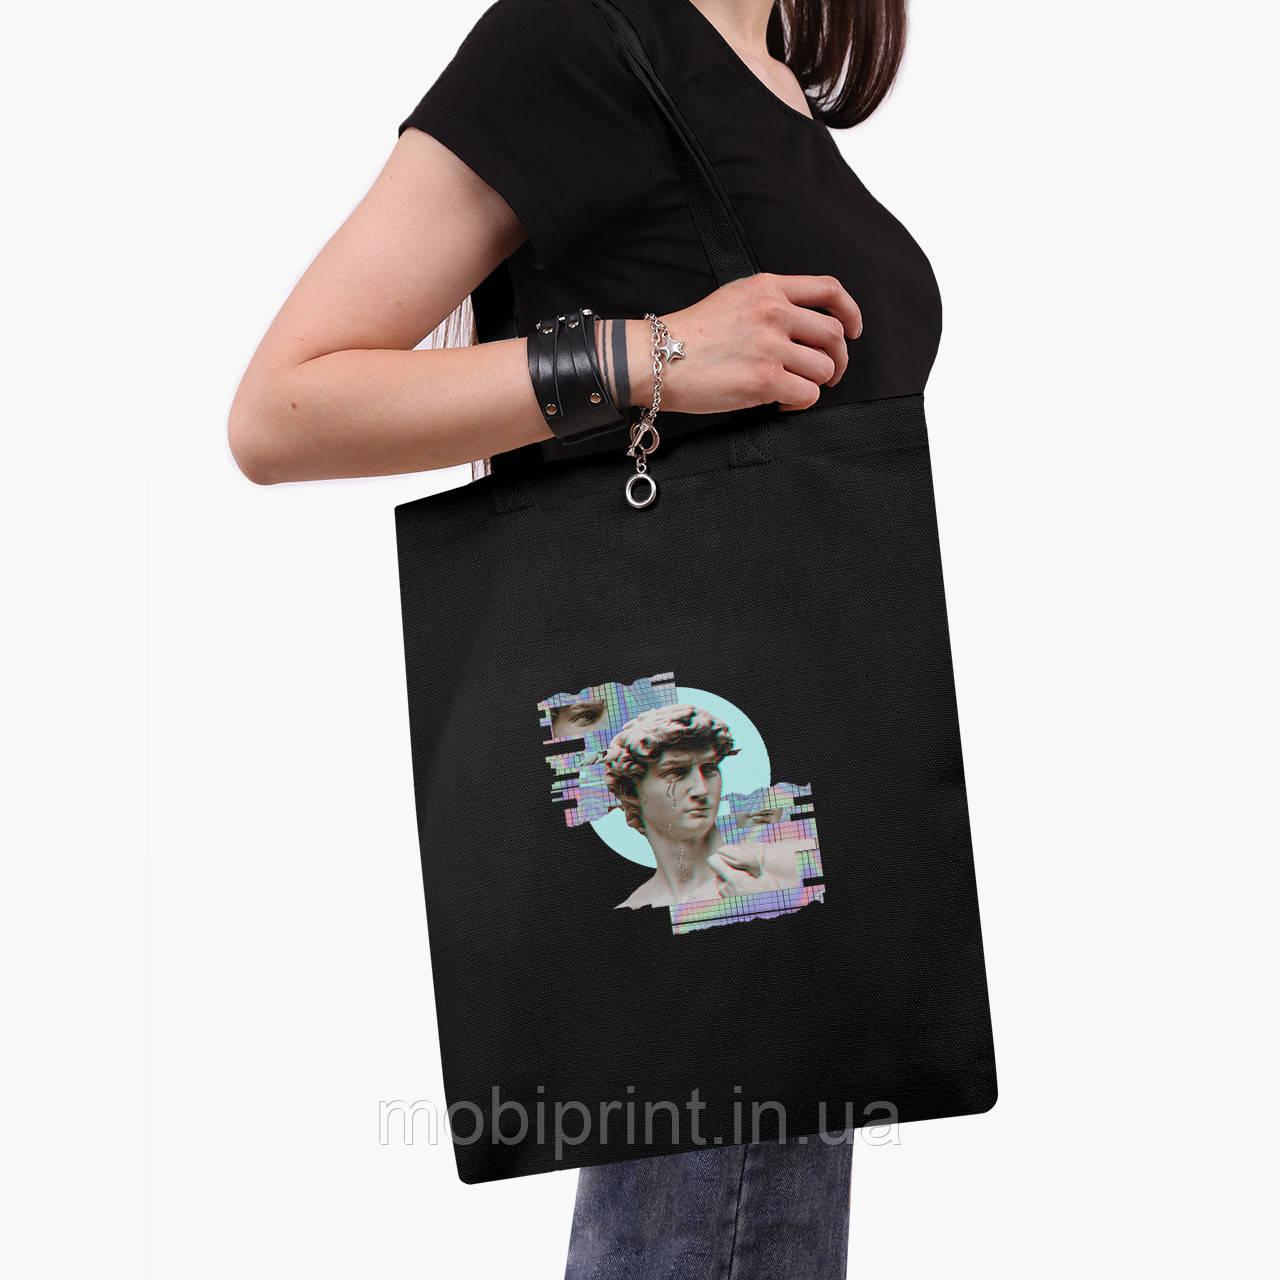 Эко сумка шоппер черная Ренессанс-Давил (David Renaissance) (9227-1584-2)  экосумка шопер 41*35 см